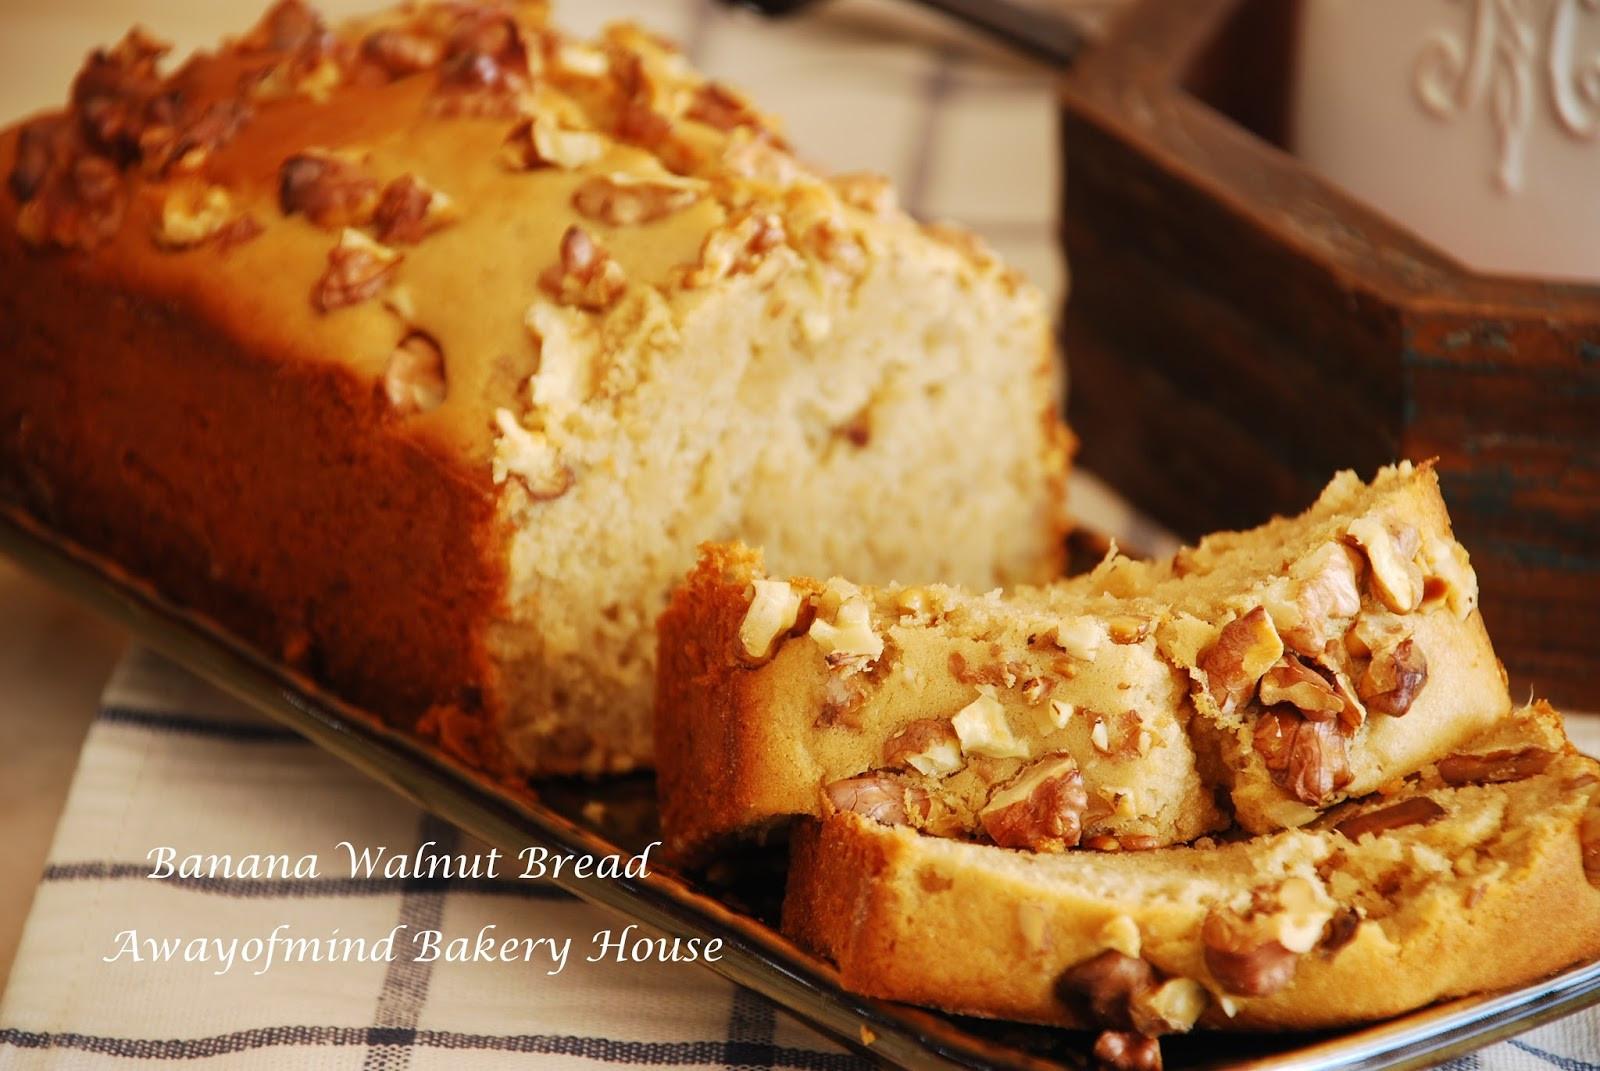 Banana Walnut Bread  Awayofmind Bakery House Banana Walnut Bread Cook like